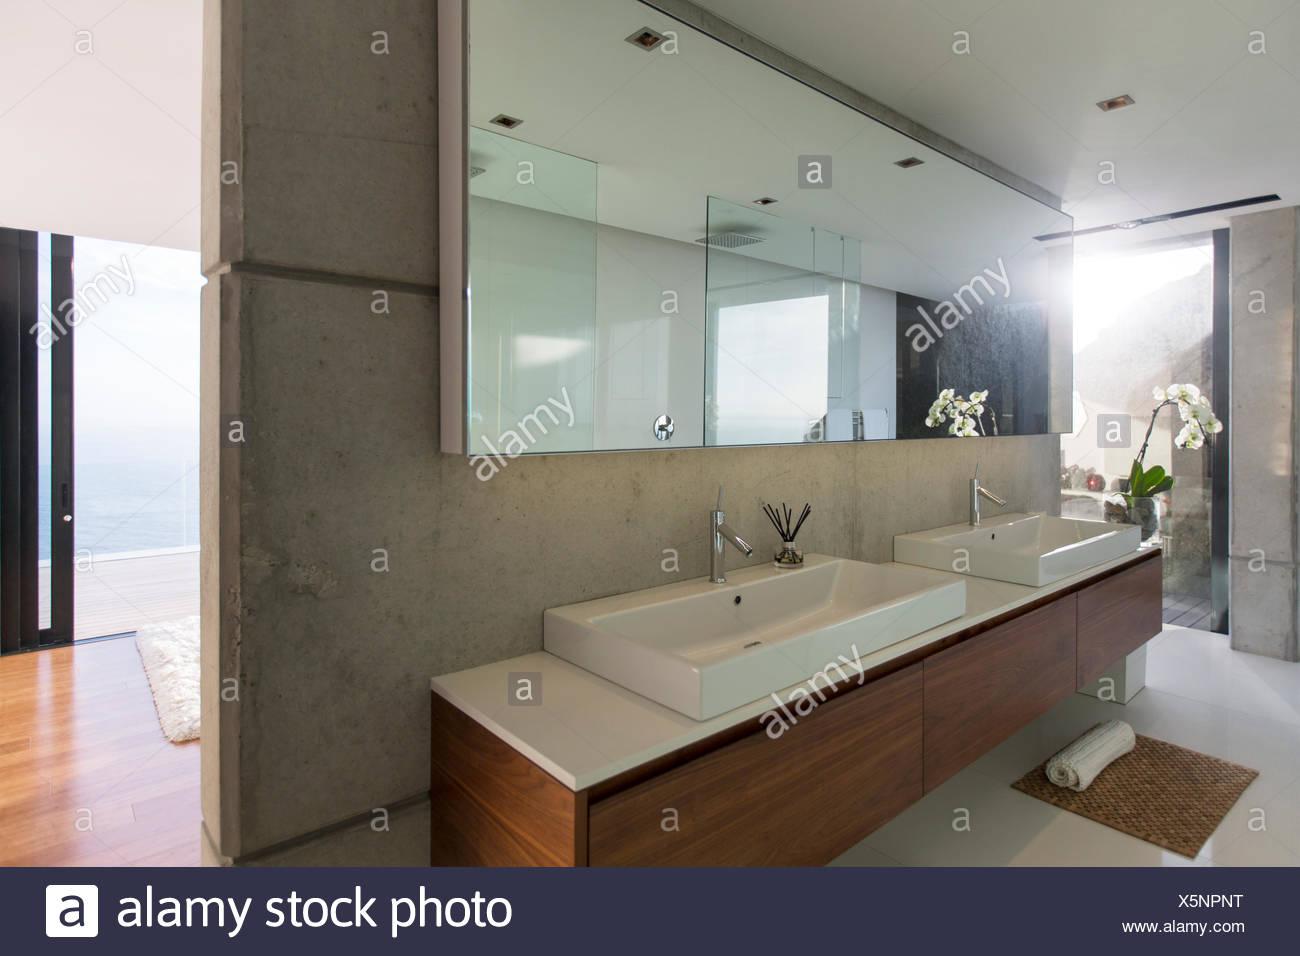 Waschbecken Und Spiegel Im Badezimmer Stockfoto Bild